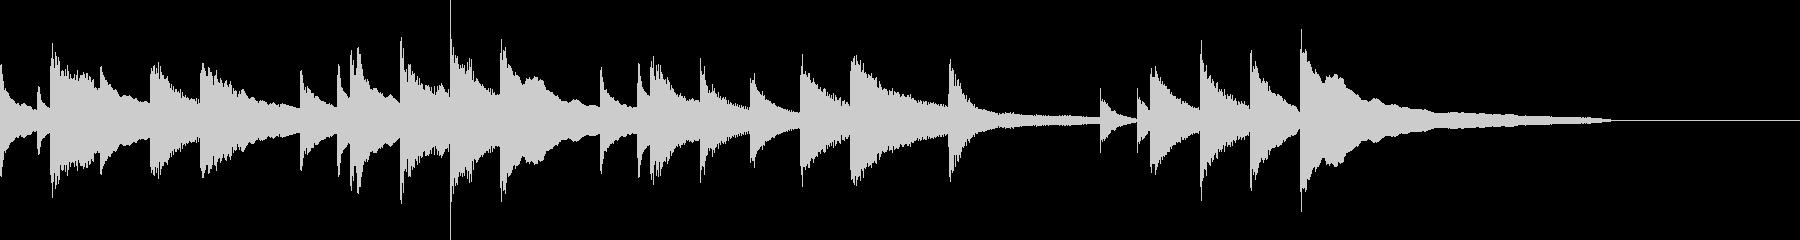 オシャレなコードのハッピバースディの未再生の波形